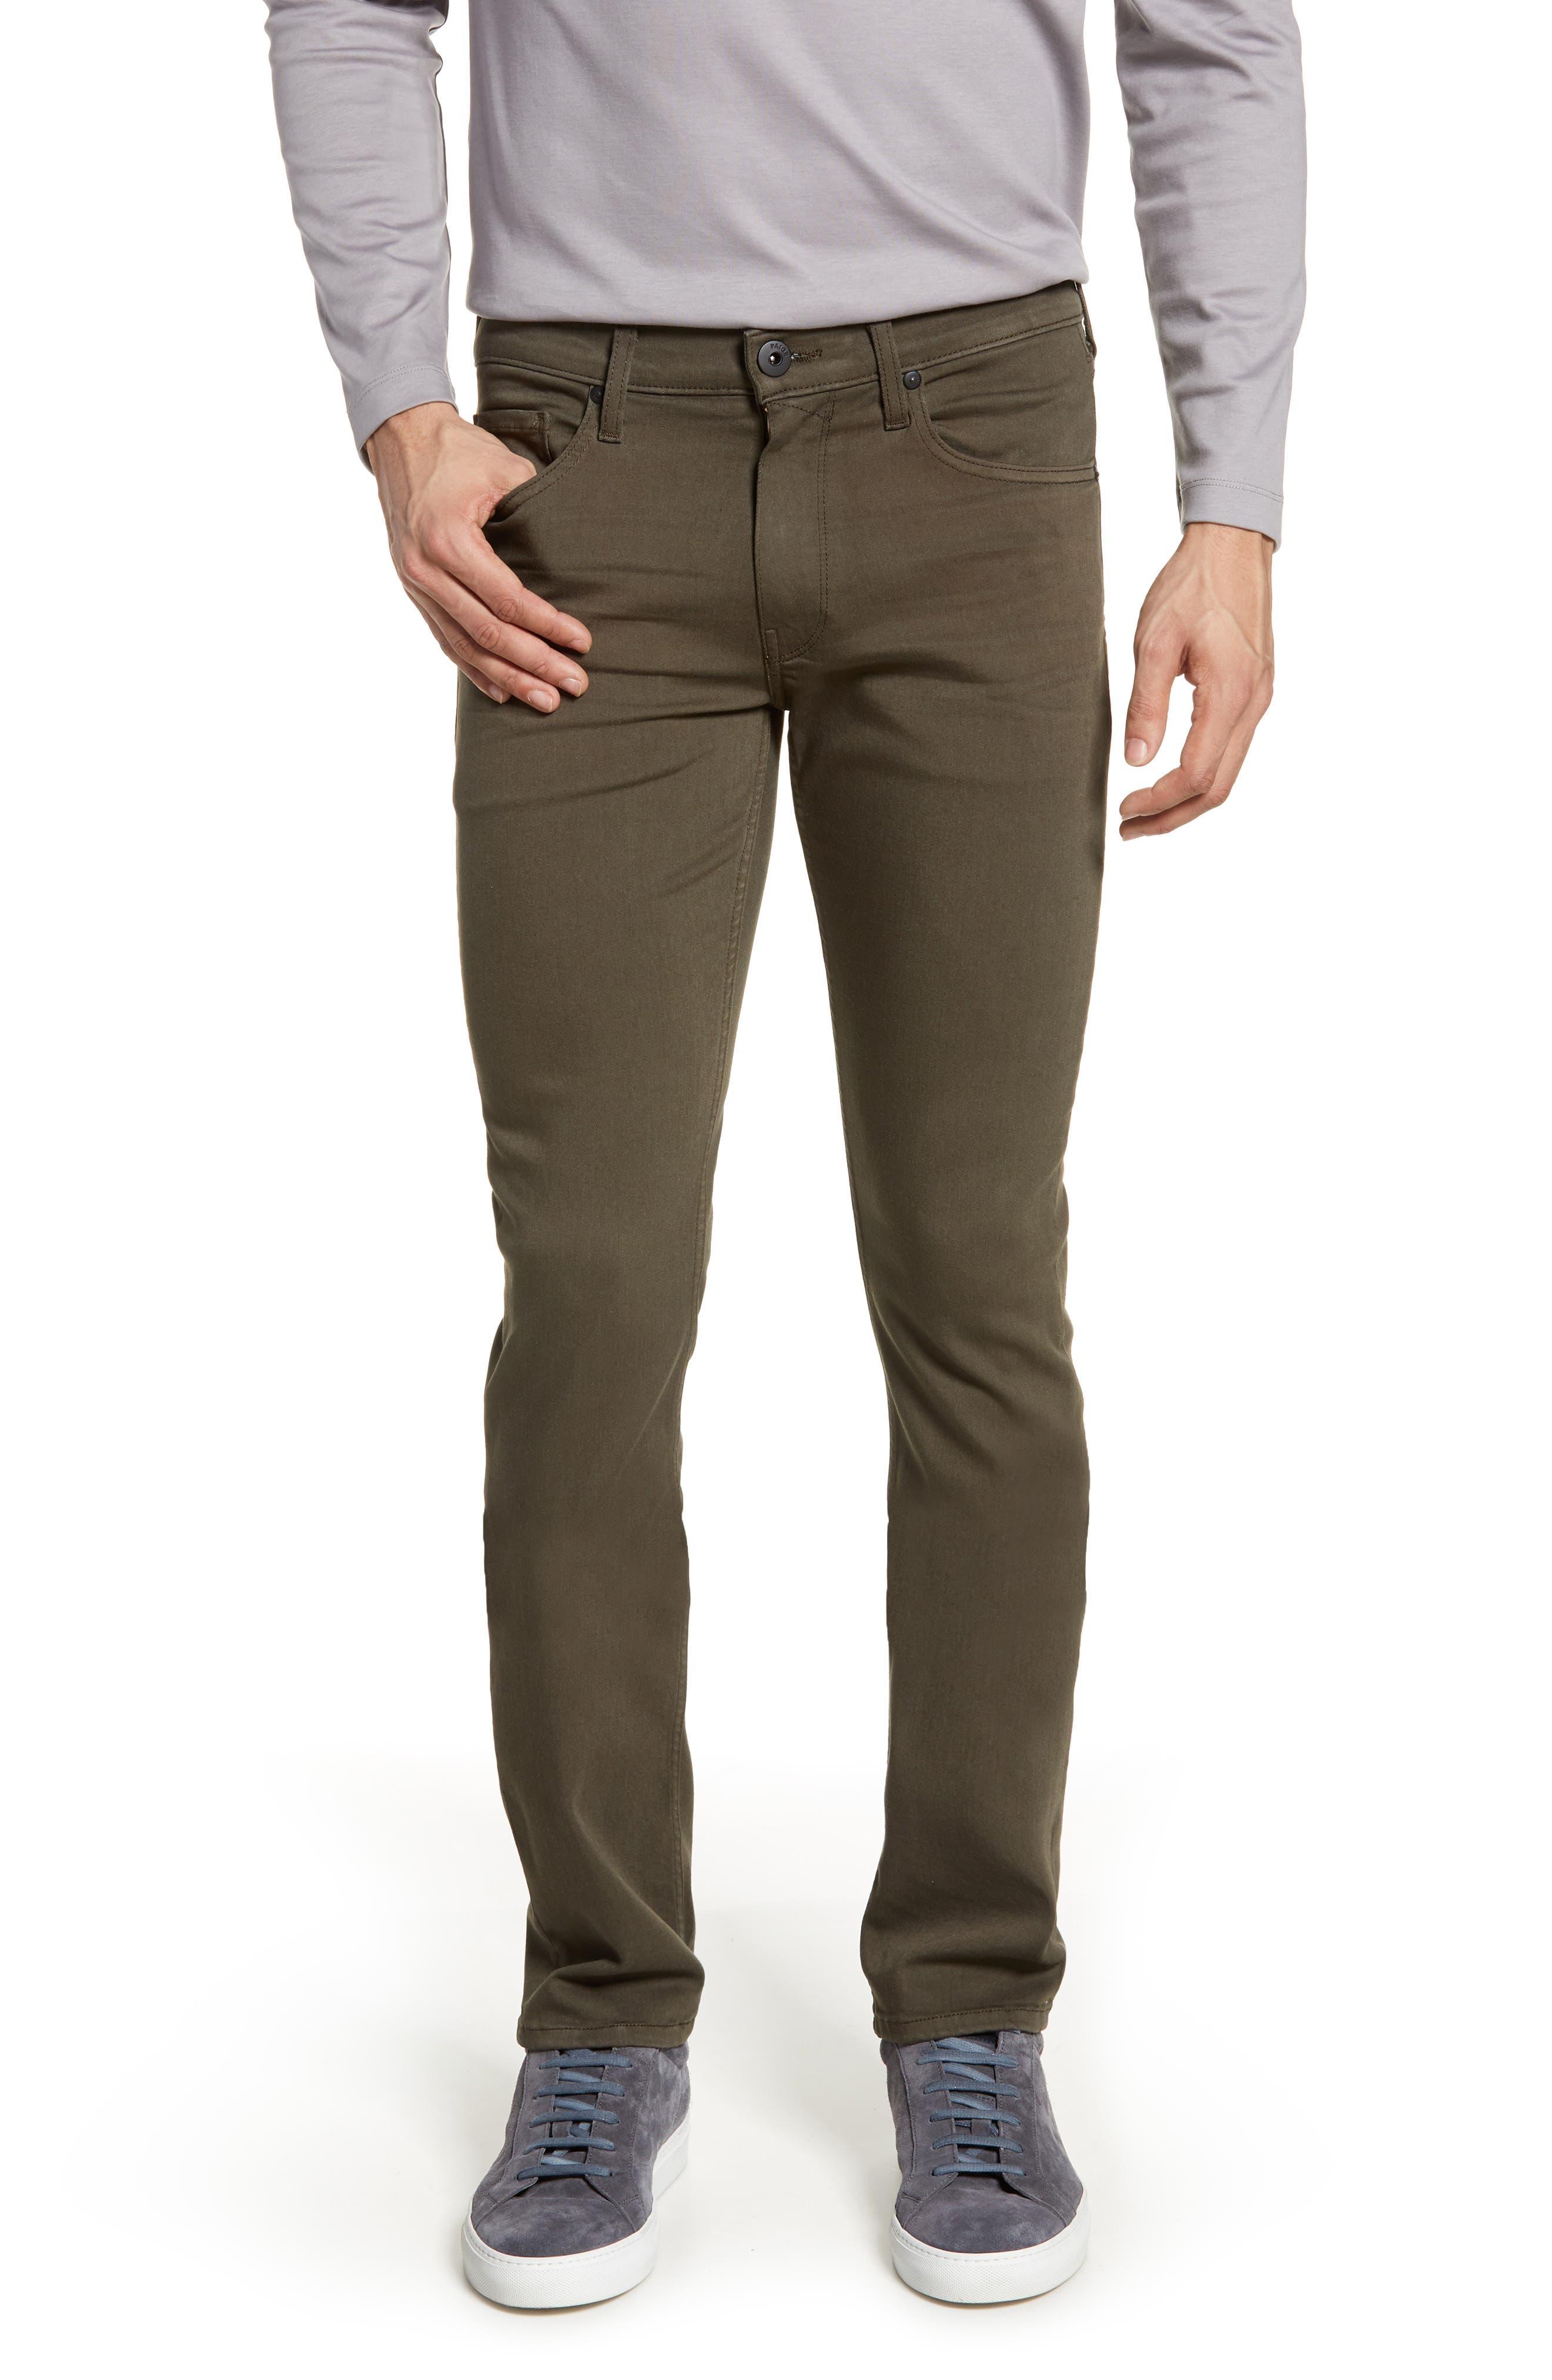 Transcend - Lennox Slim Fit Jeans, Main, color, RIVER MOSS